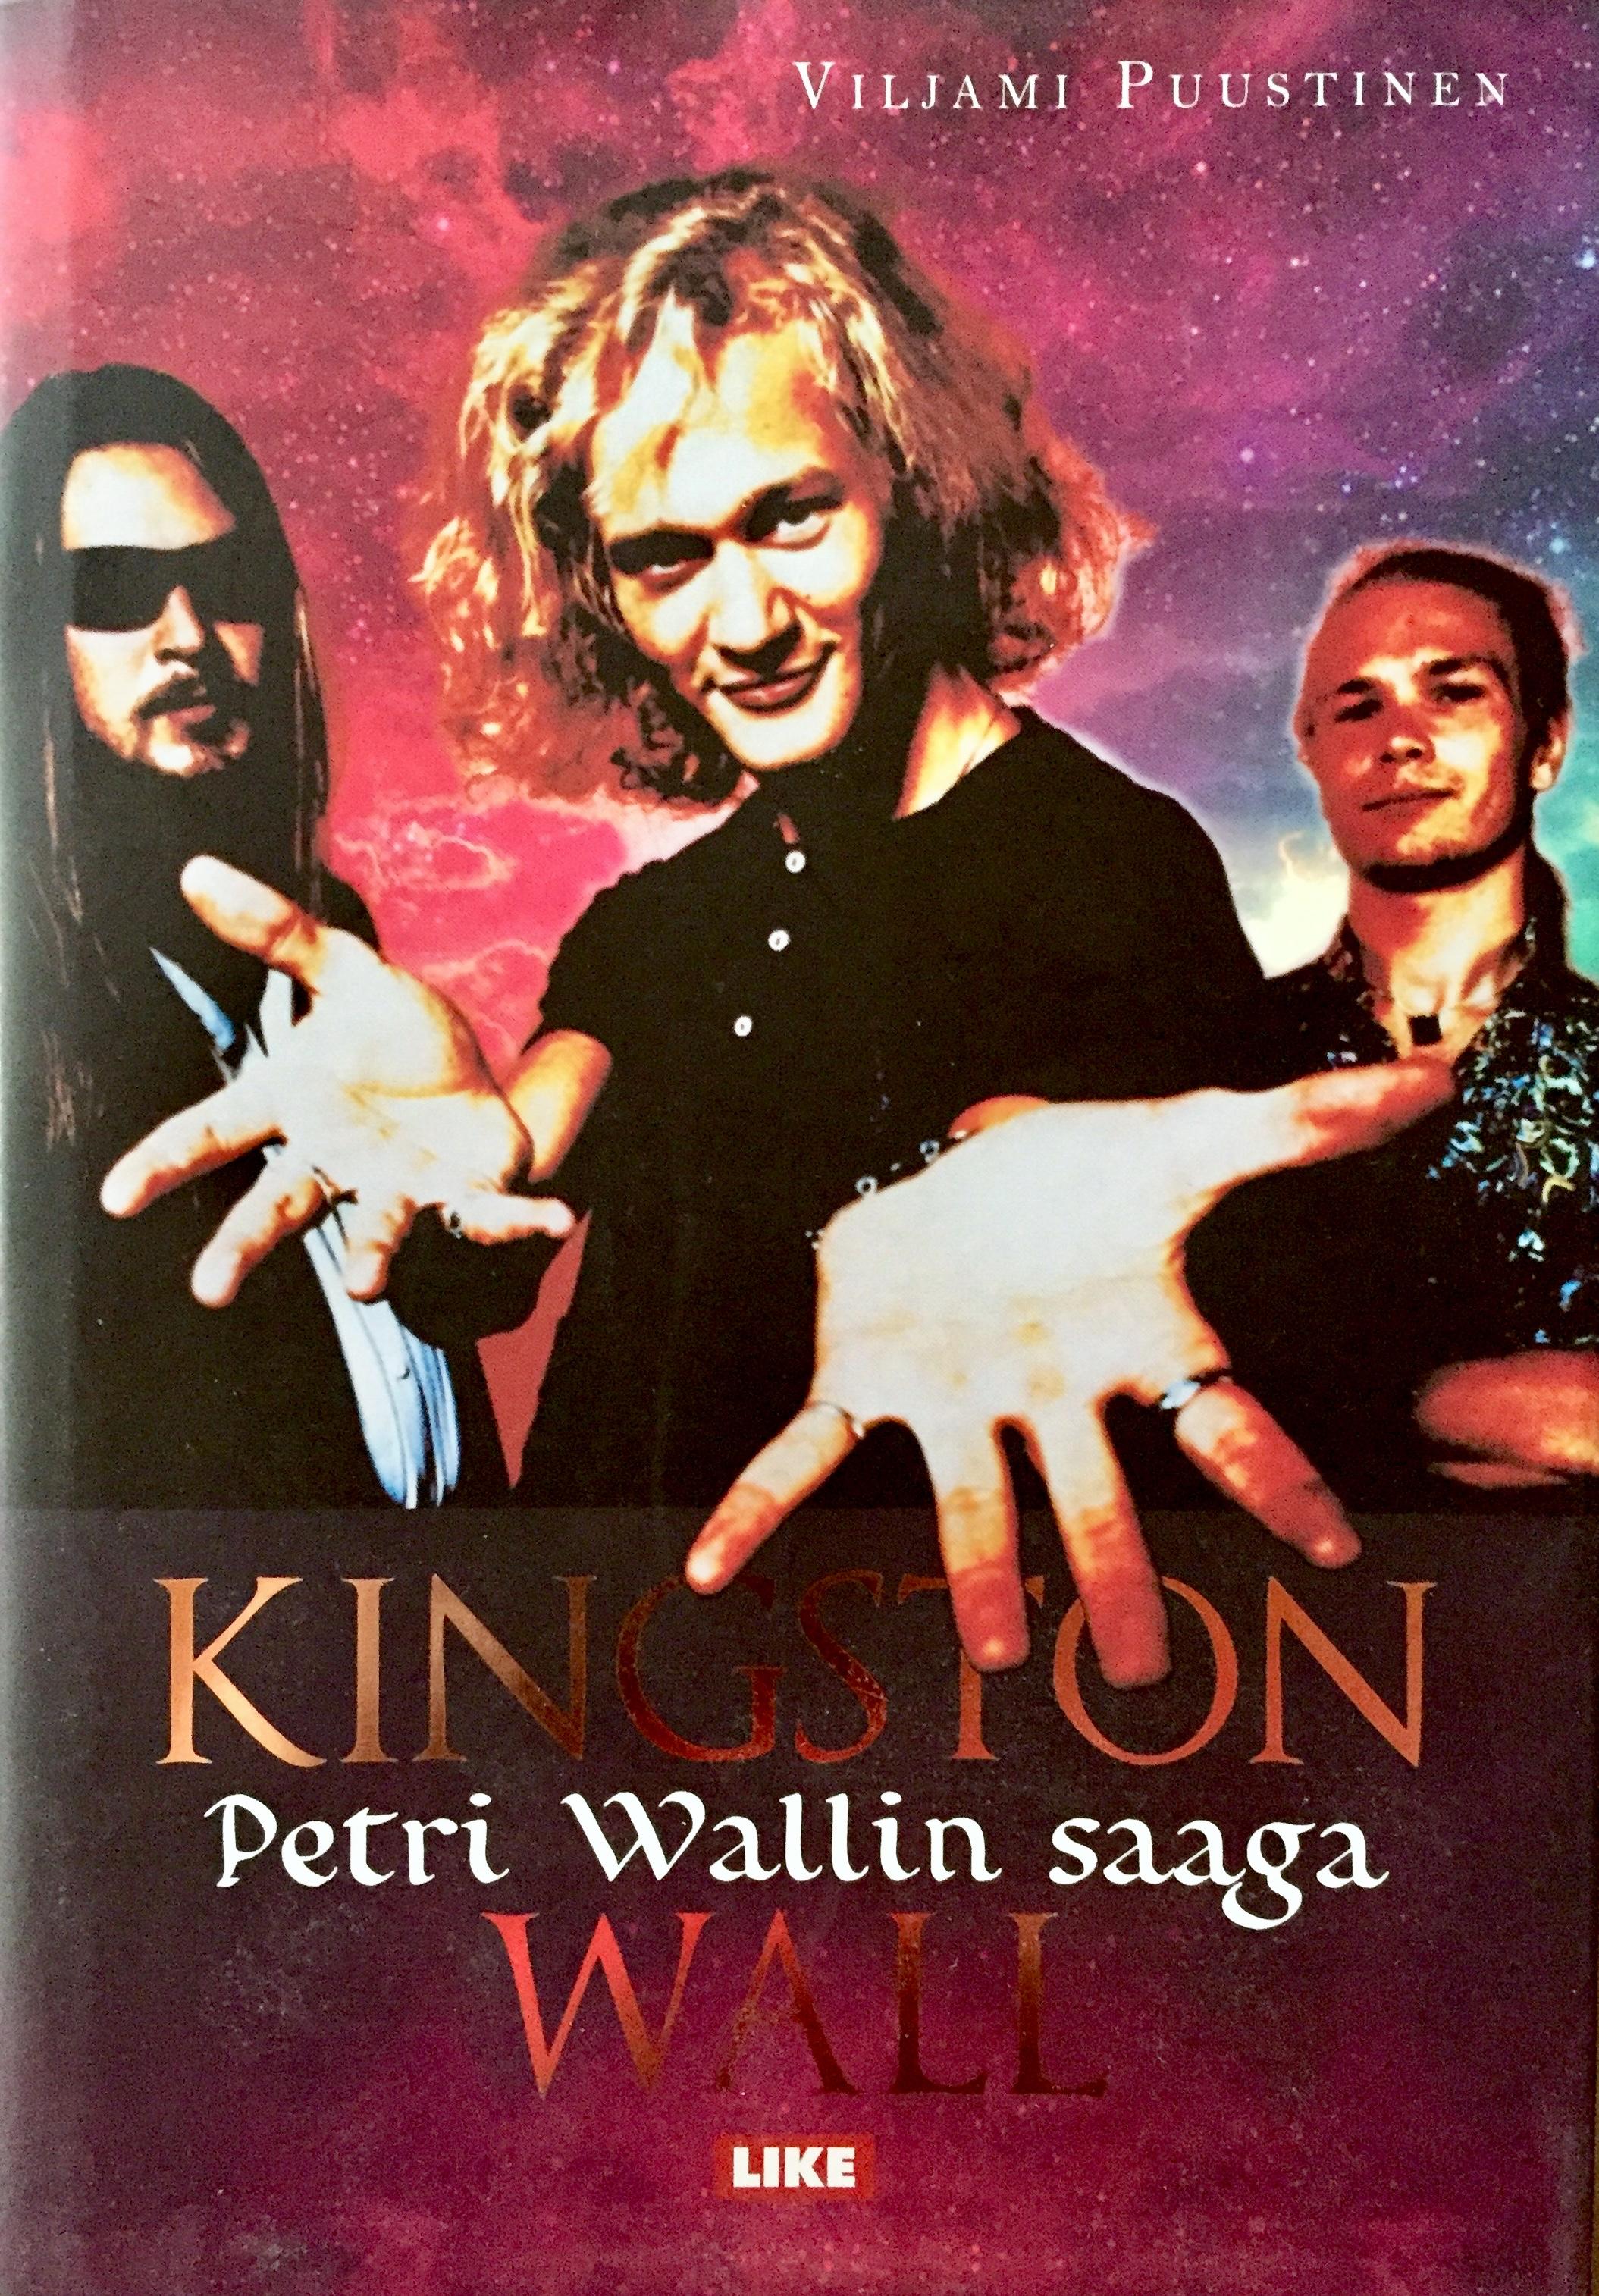 Viljami Puustisen kirja Kingston Wall – Petri Wallin saaga julkaistiin vuonna 2014.